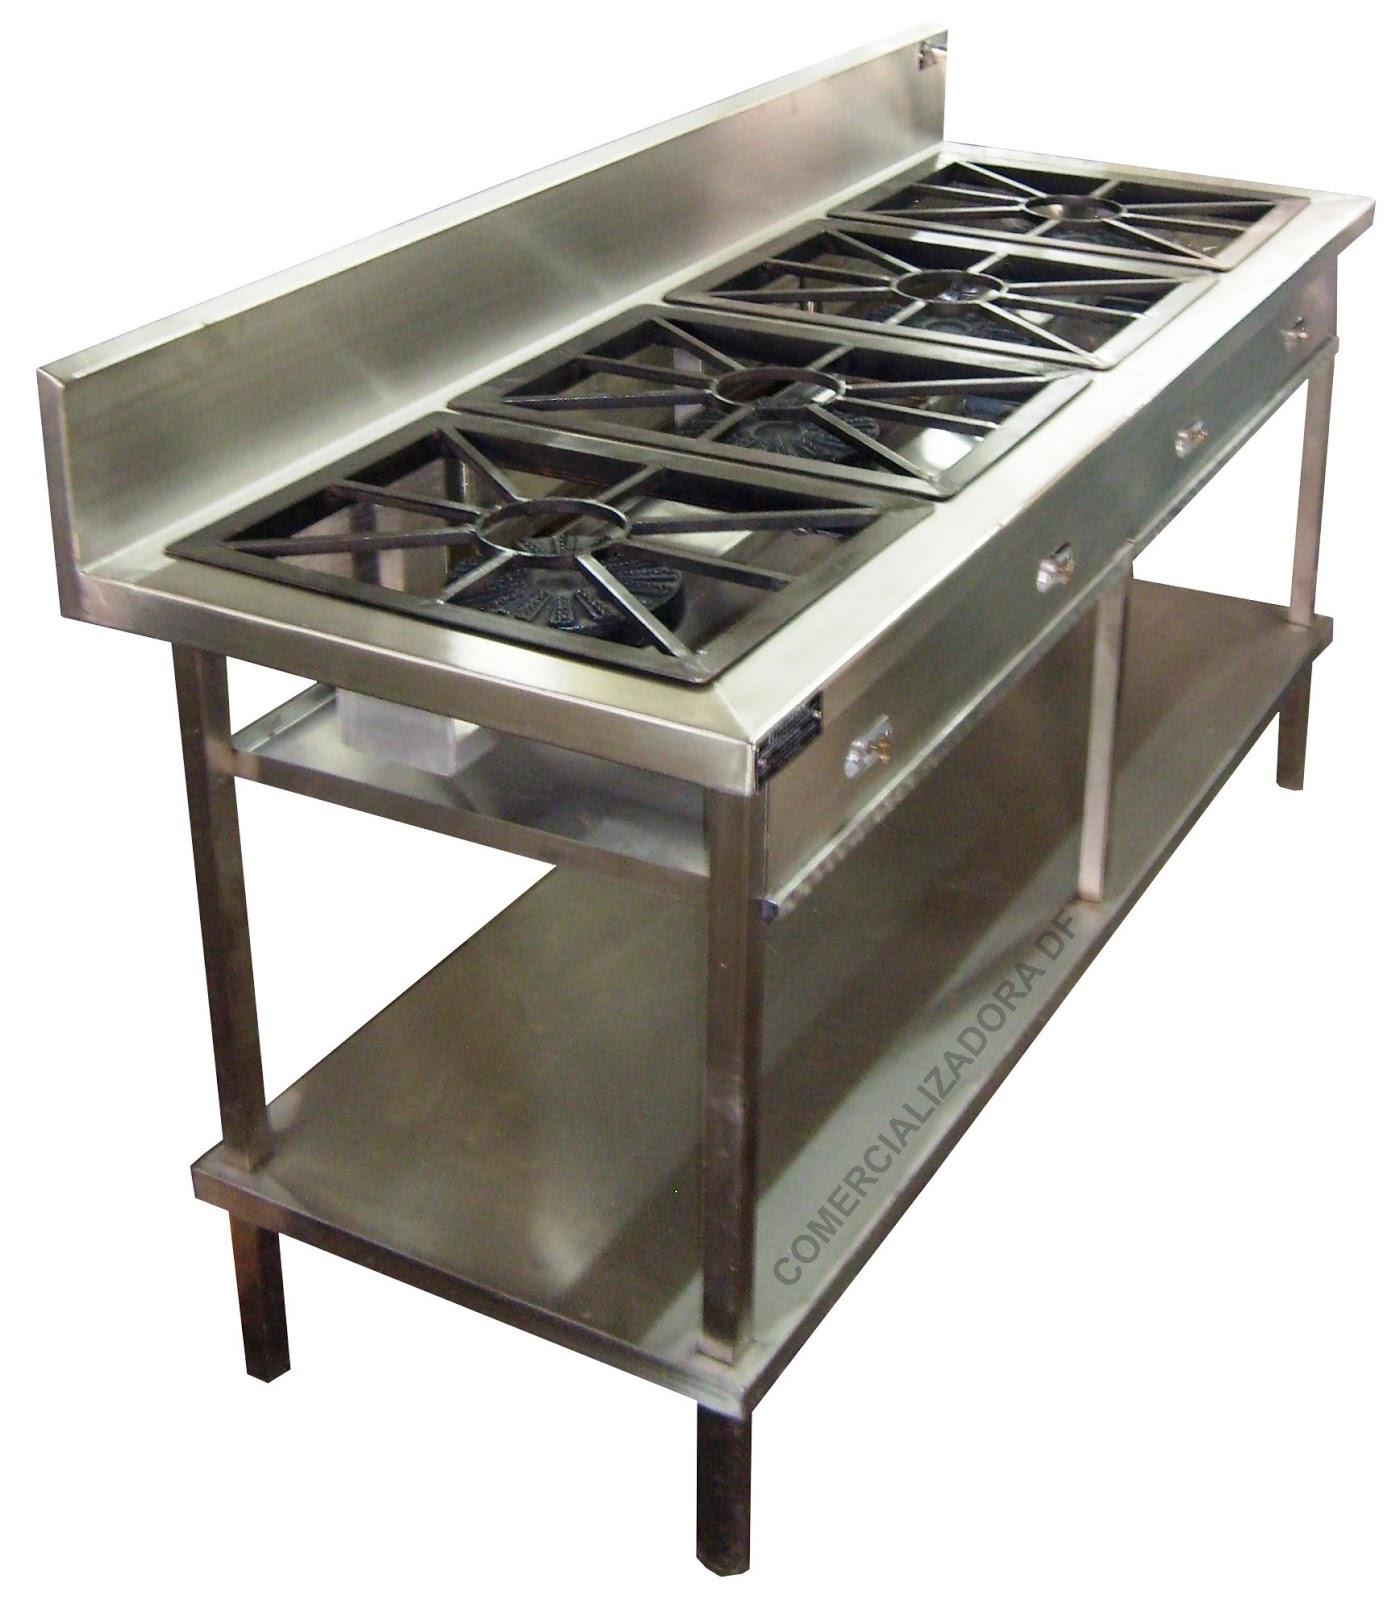 Soluchef estufas y estufones for Estufas industriales